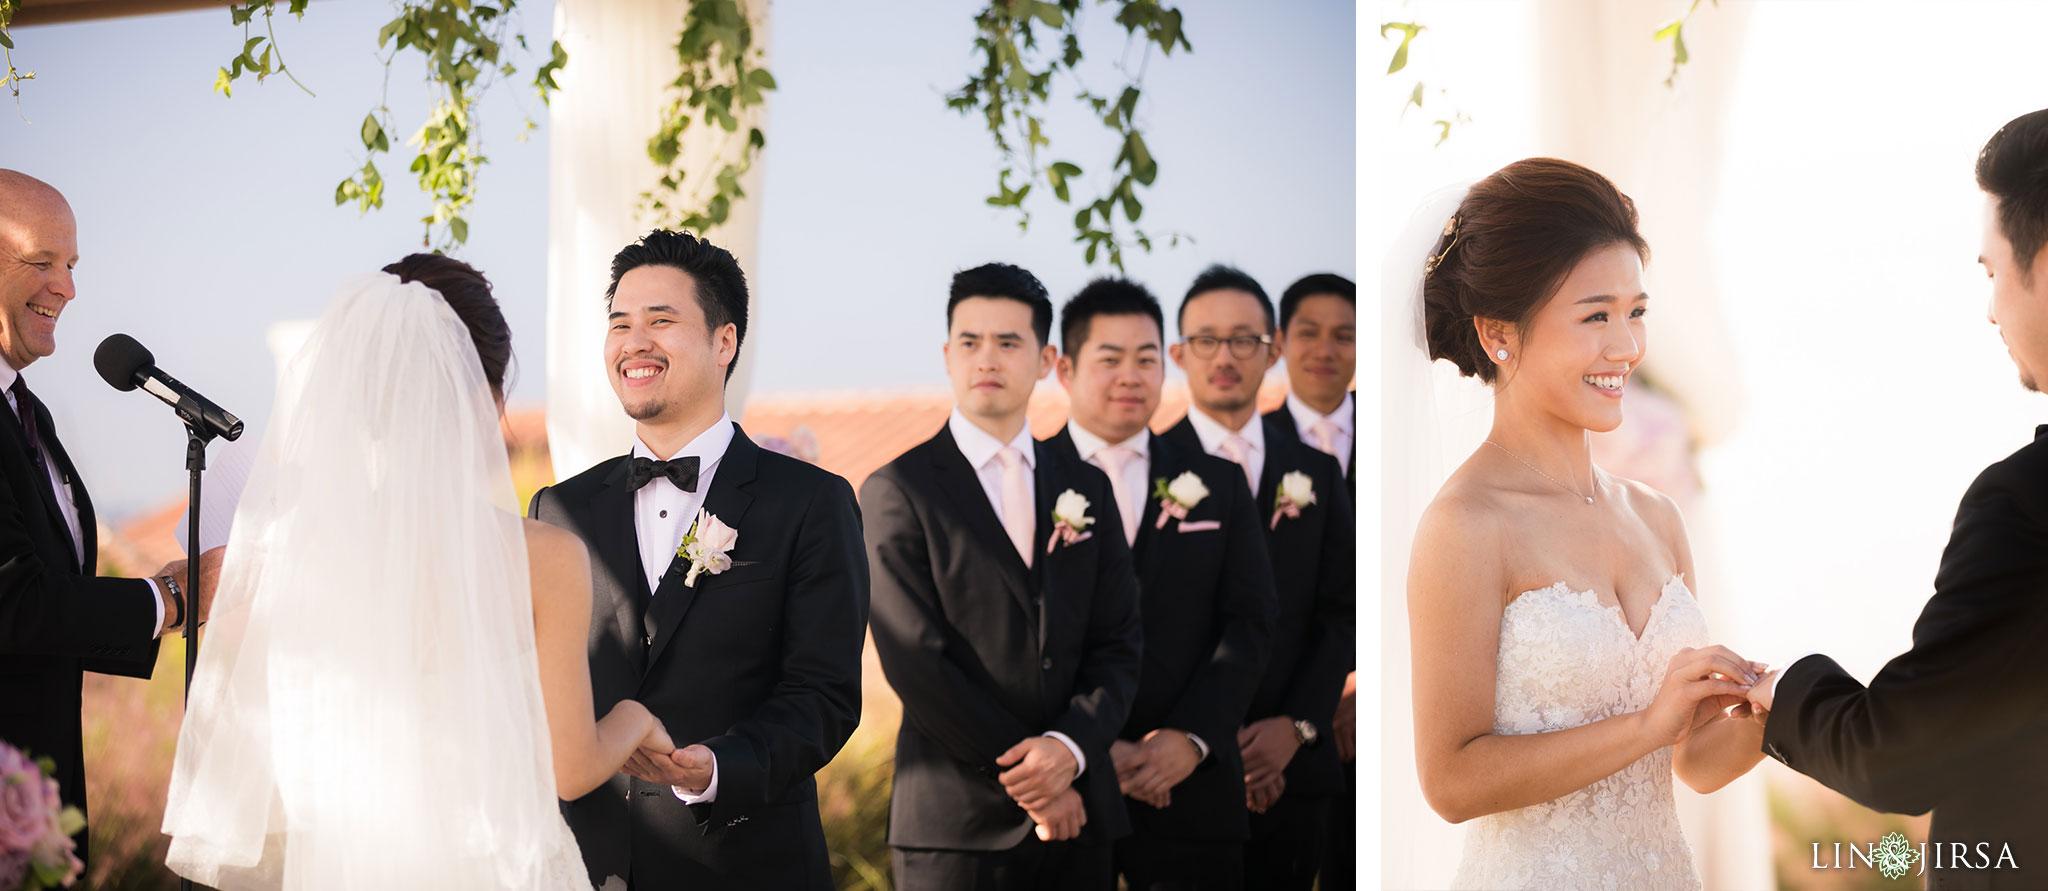 21 terranea resort wedding ceremony photography